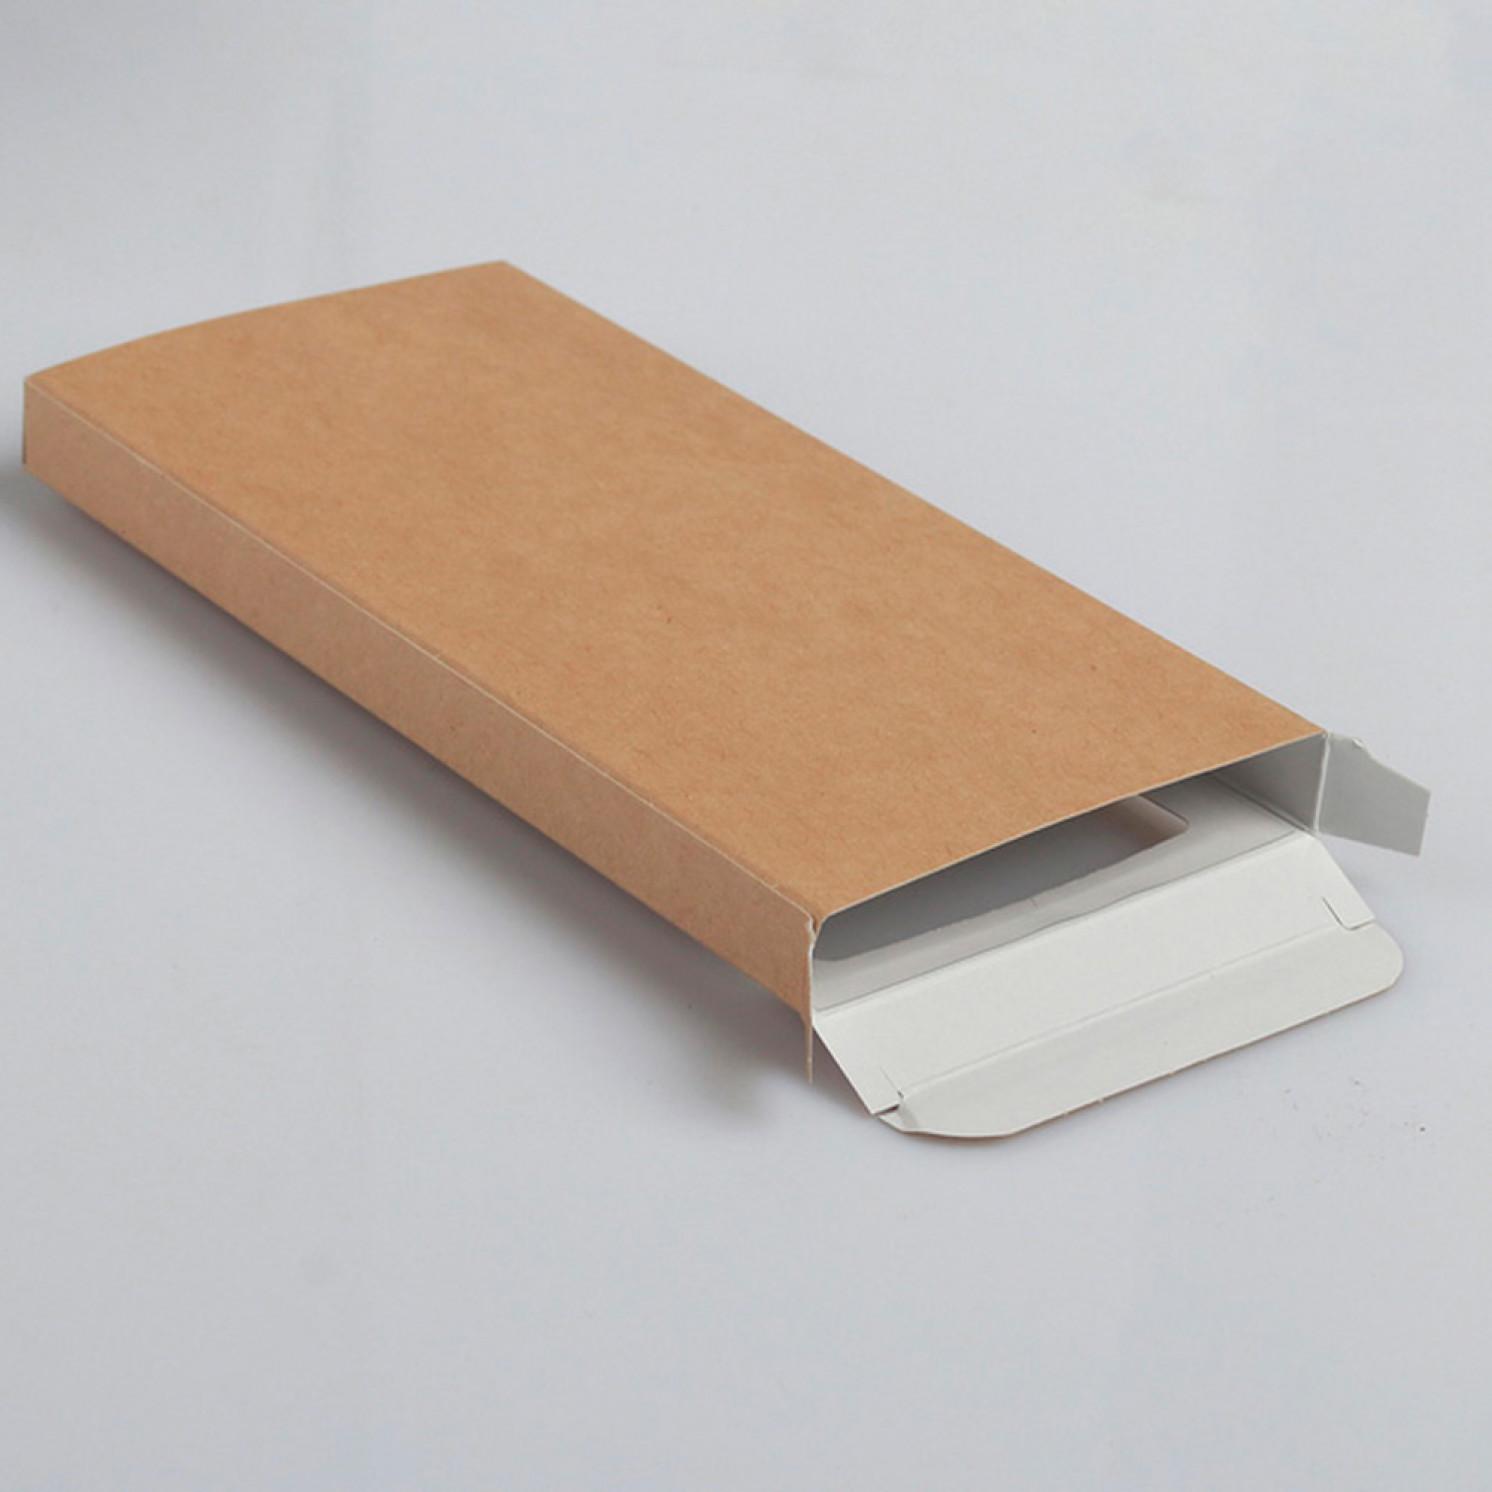 Подарочная коробка под плитку шоколада, 17,1 х 8 х 1,4 см